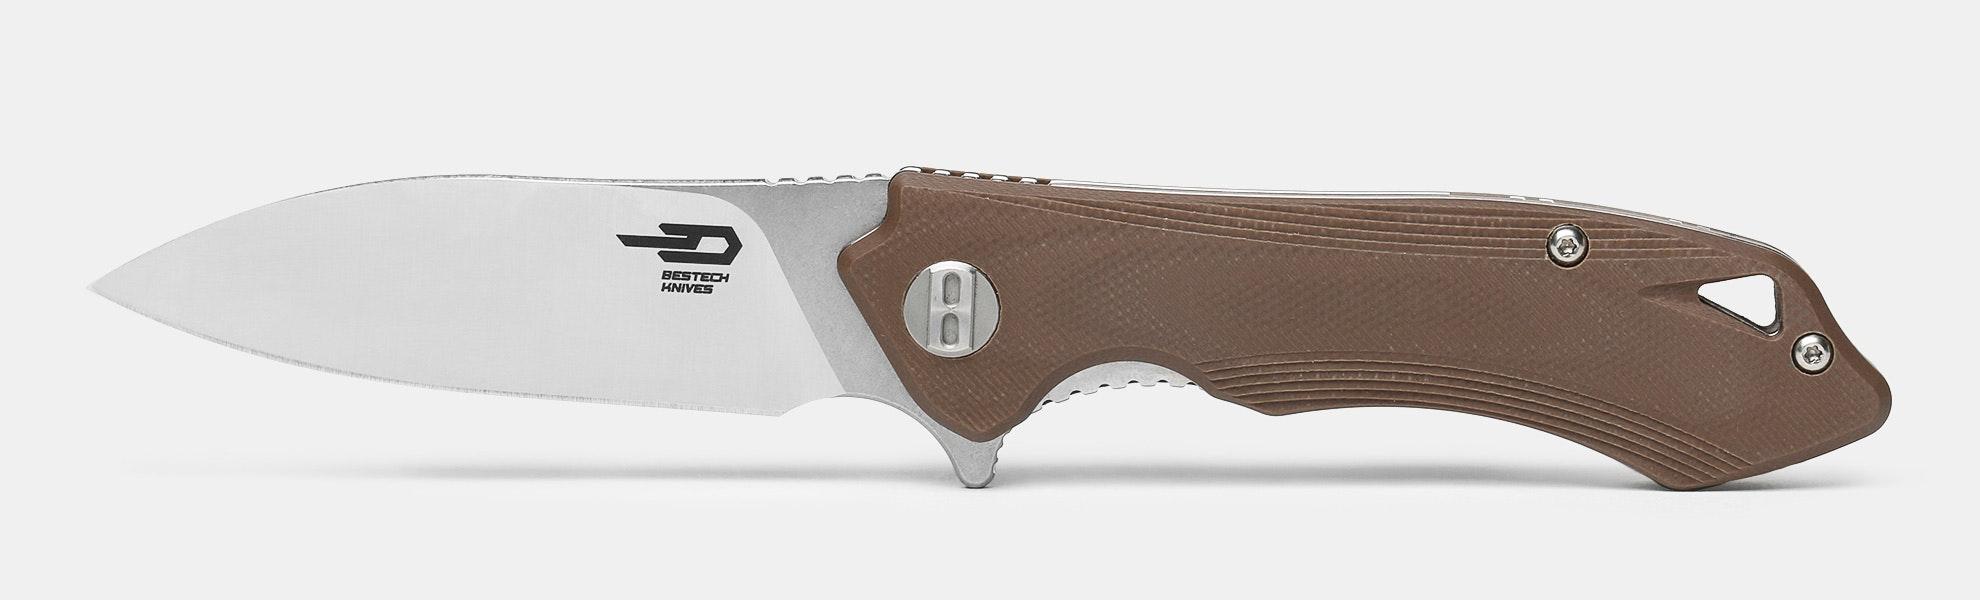 """Bestech BG11 """"Beluga"""" Folding Knife"""